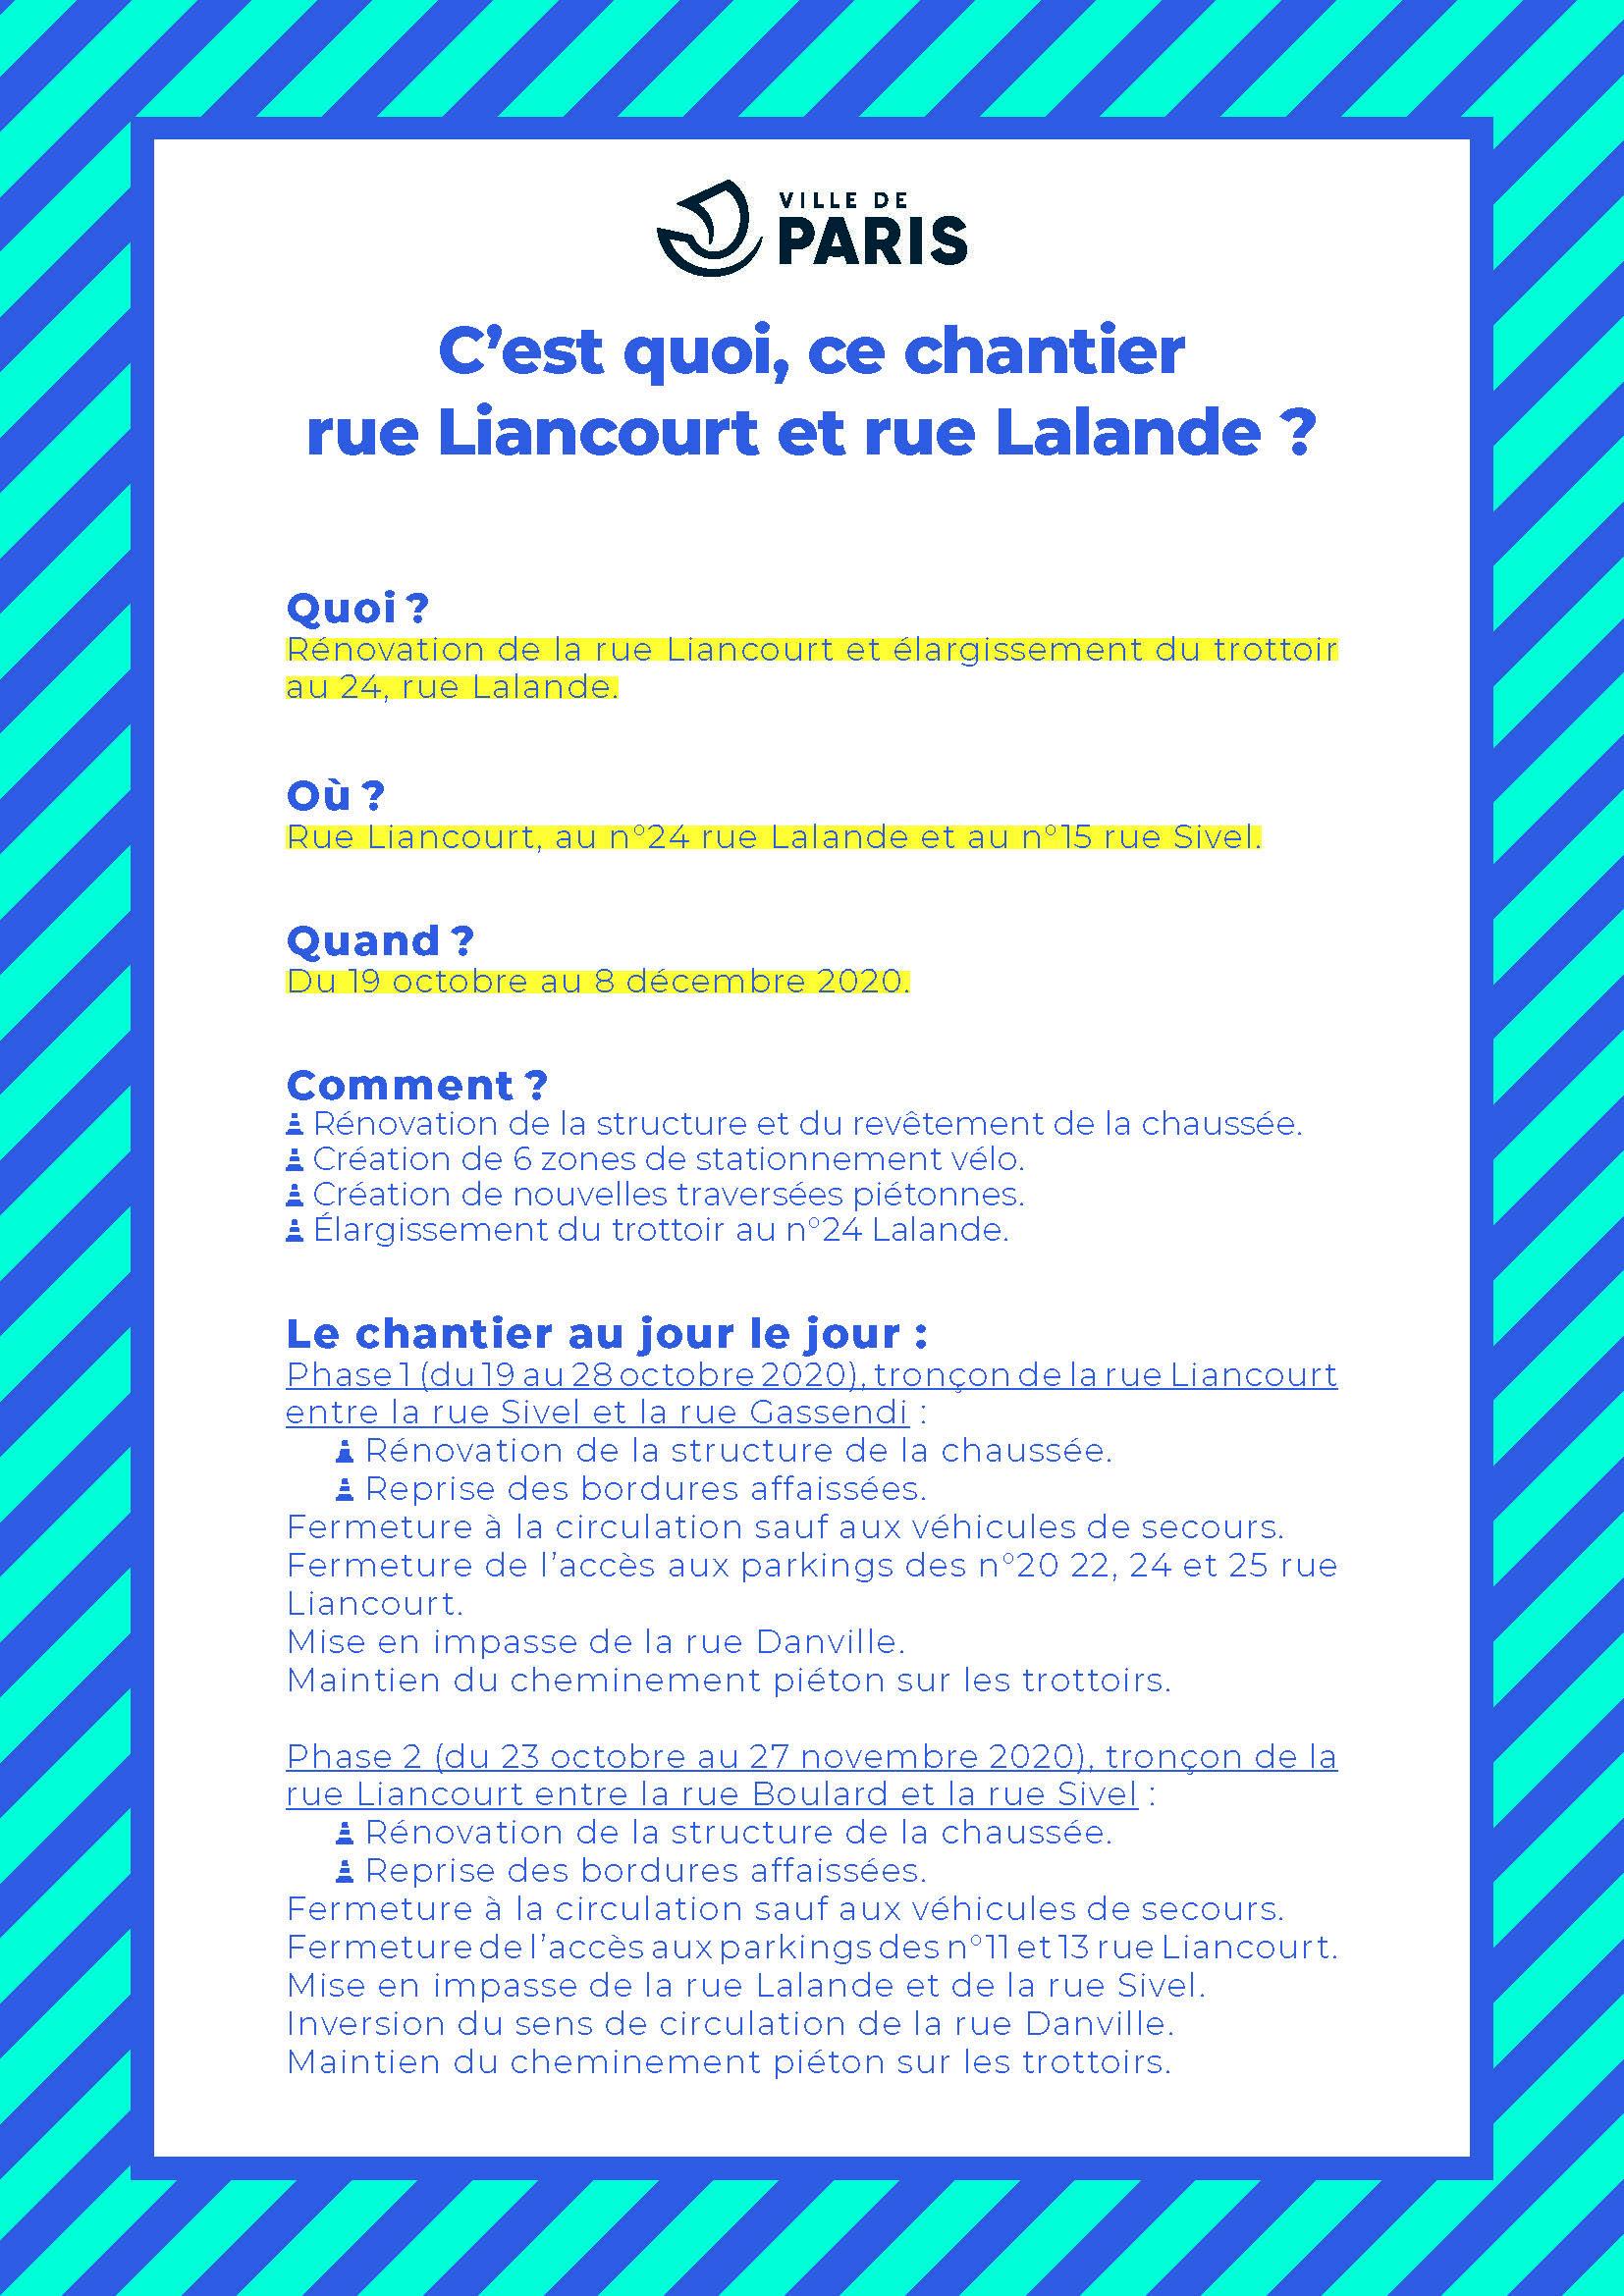 descriptif chantier rues Liancourt et Lalande